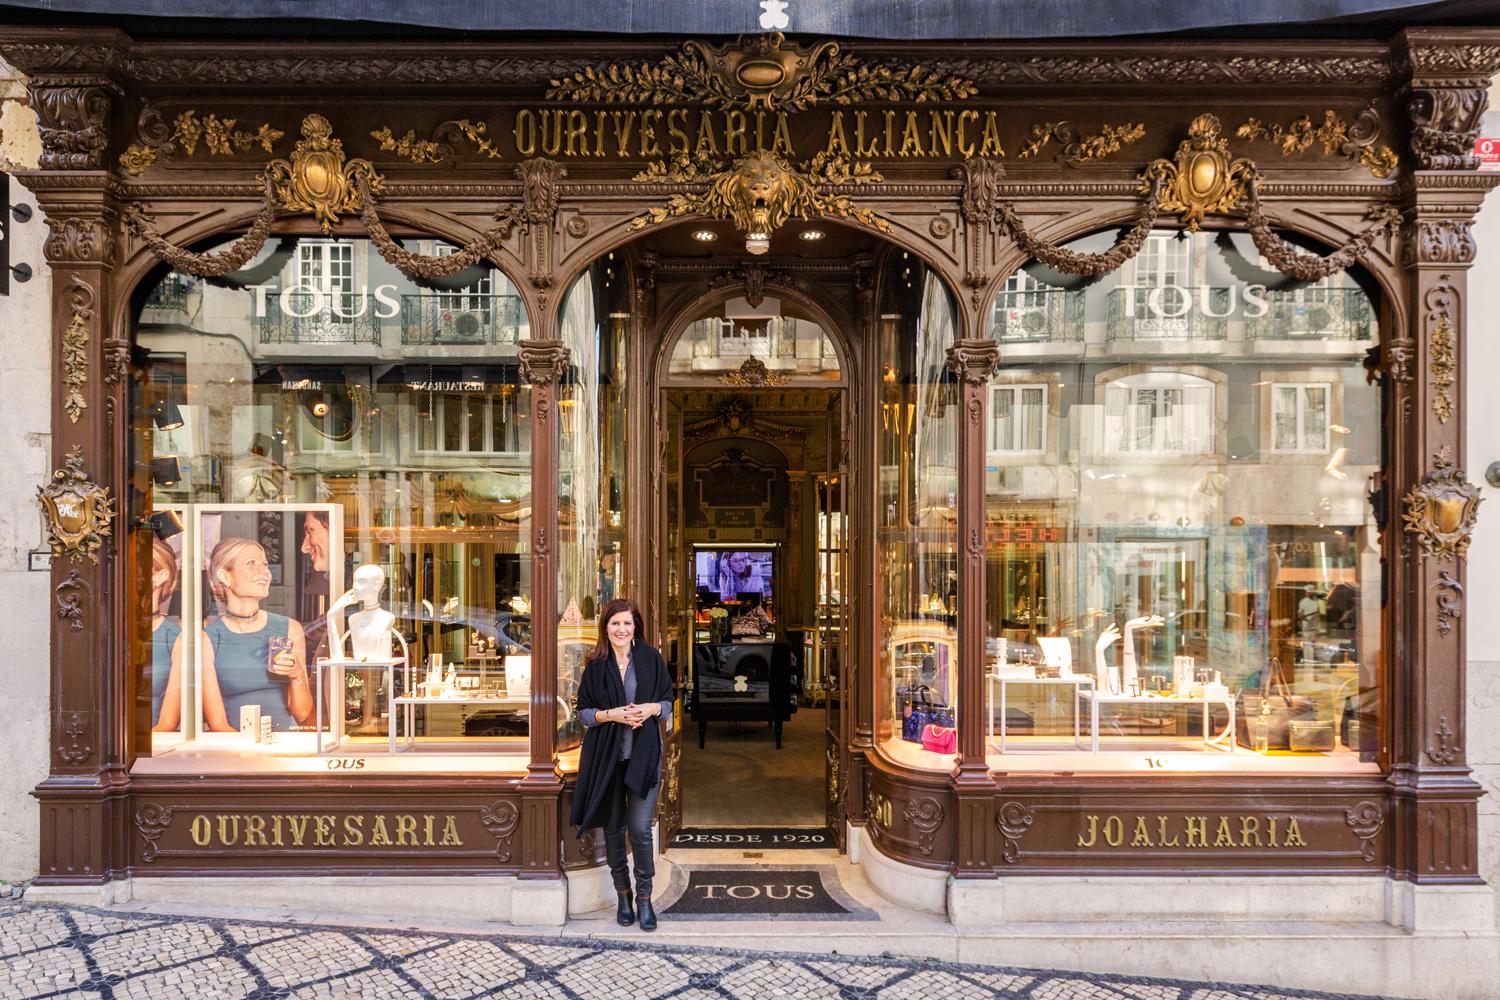 Lubelia Marques, Geschäftsführerin des Juweliergeschäfts Tous in Portugal, vor der Tür des lokalen Flagshipstores der Marke